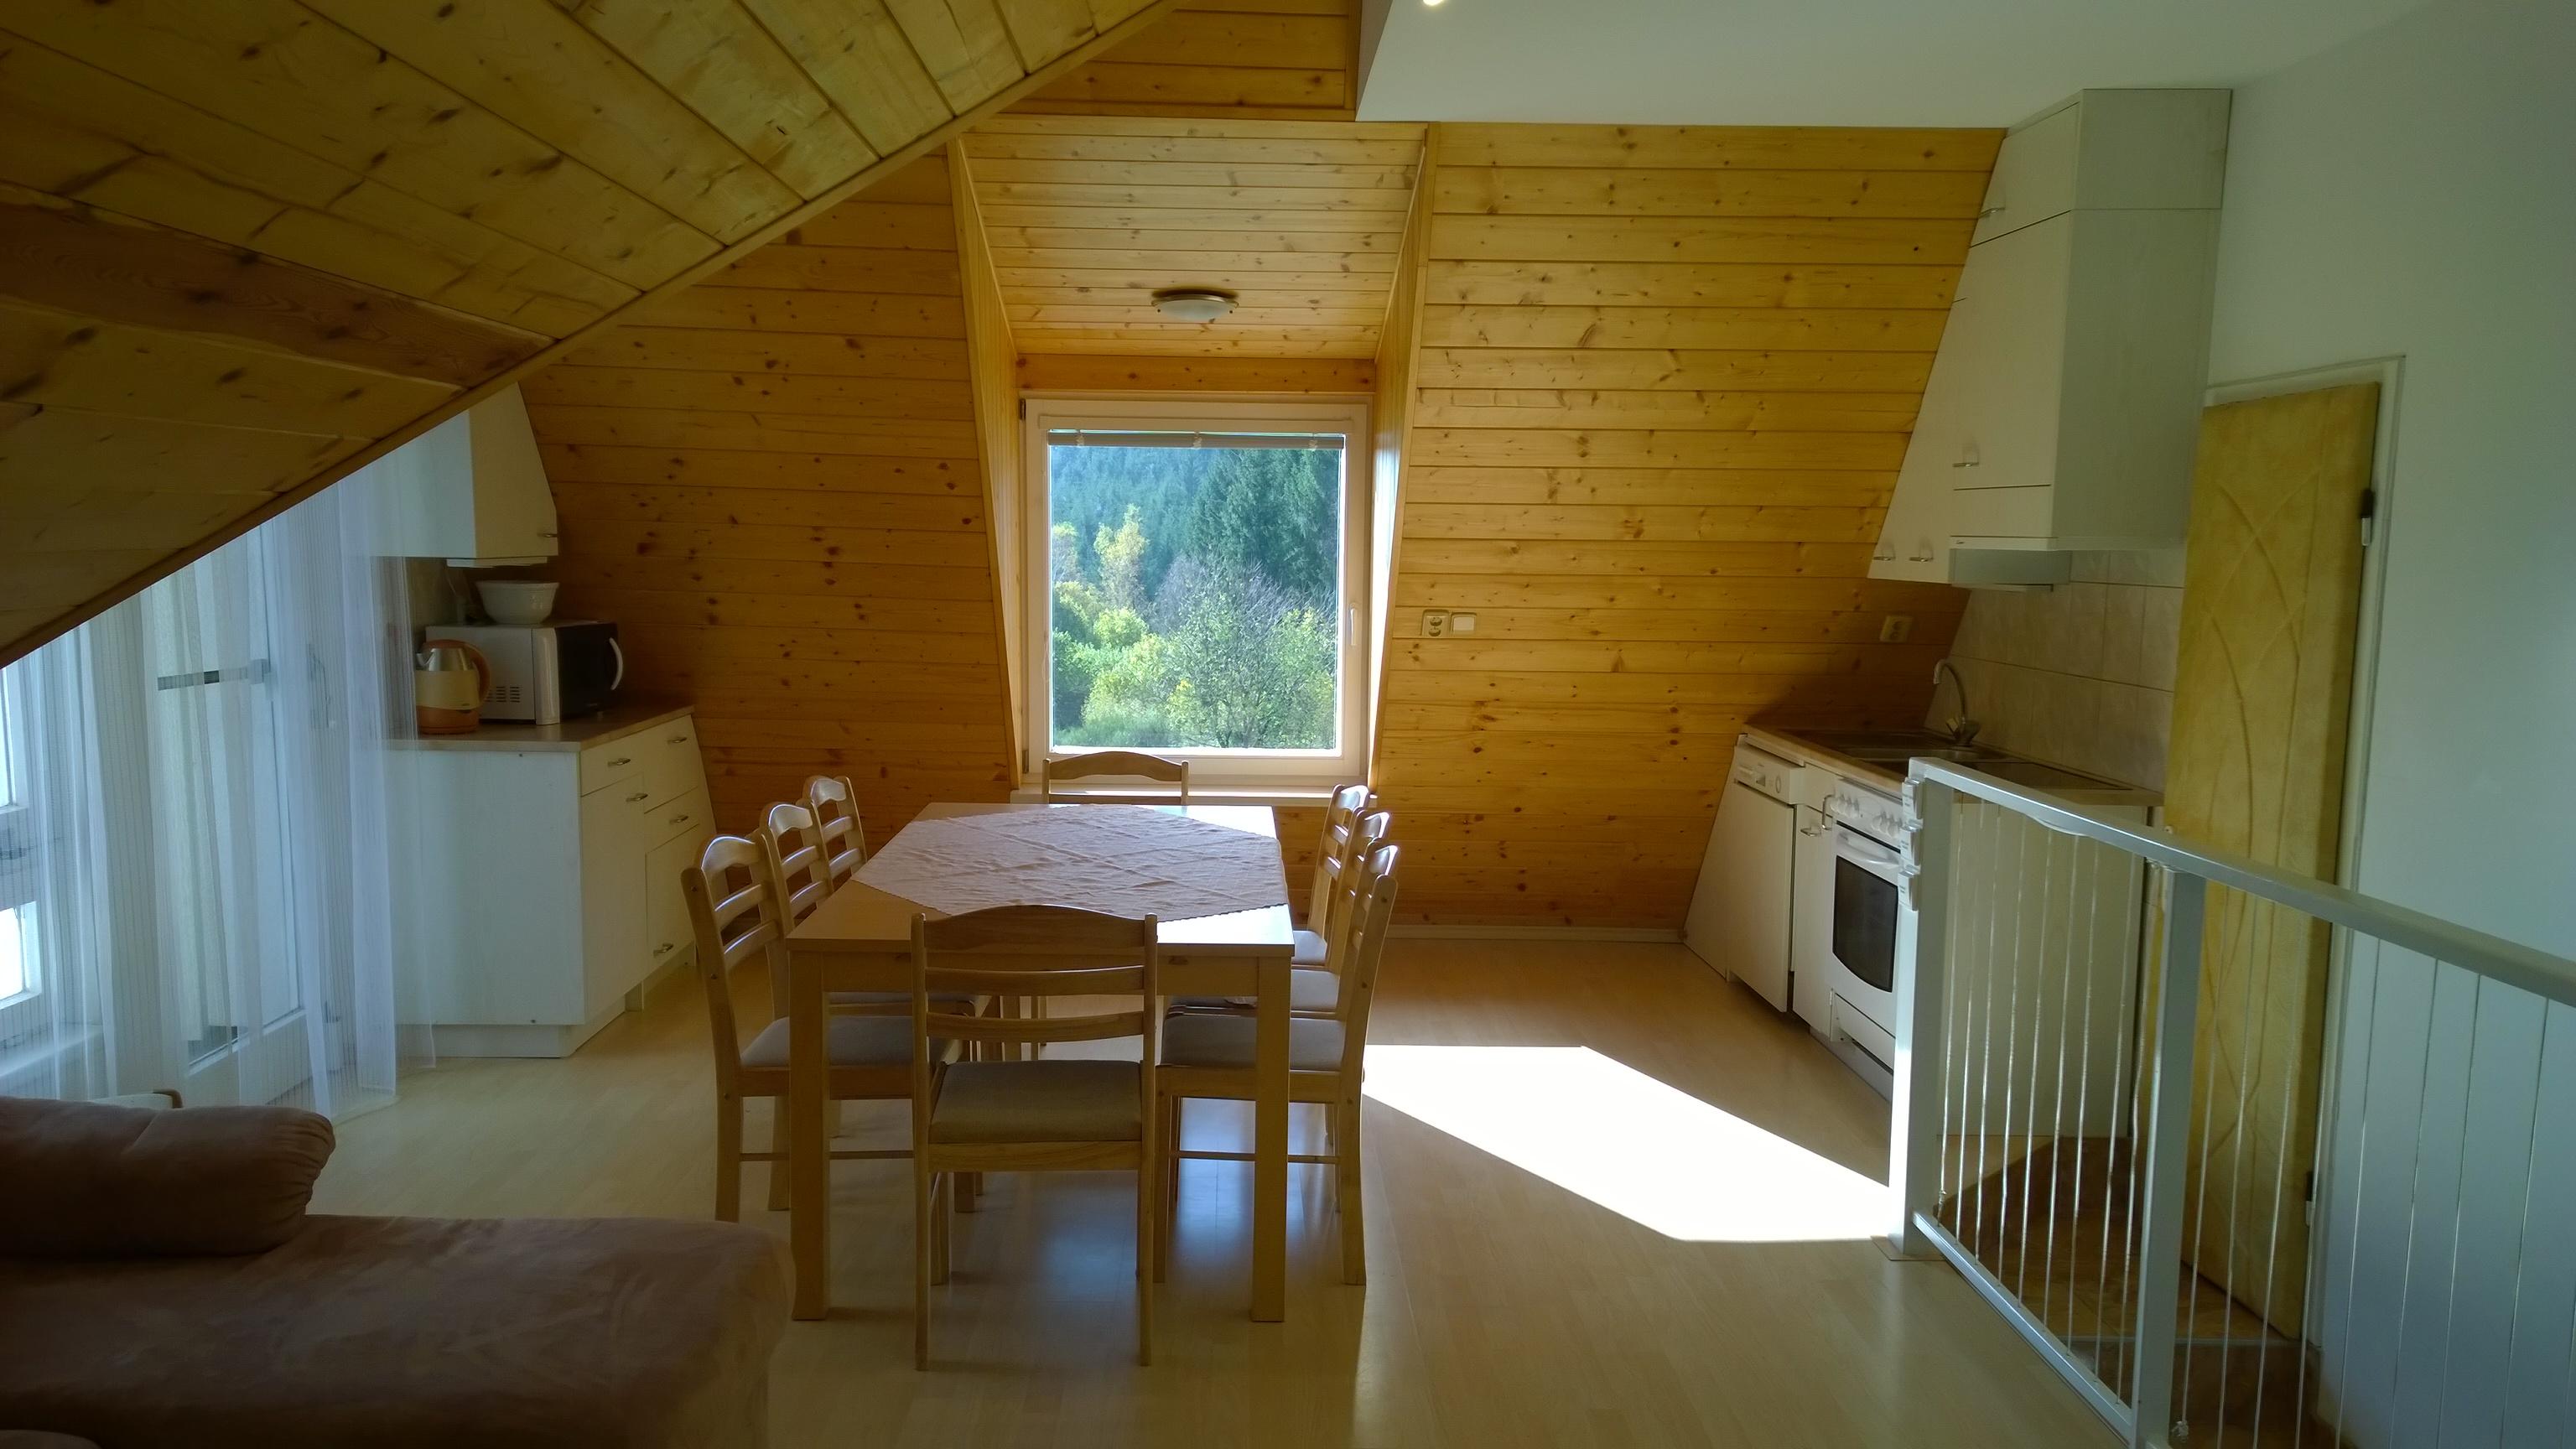 ap. B obývák s kuchyní a balkónem, stul pro až 12 osob, vstupní schody a vchod do ložnice ap. C, dvo